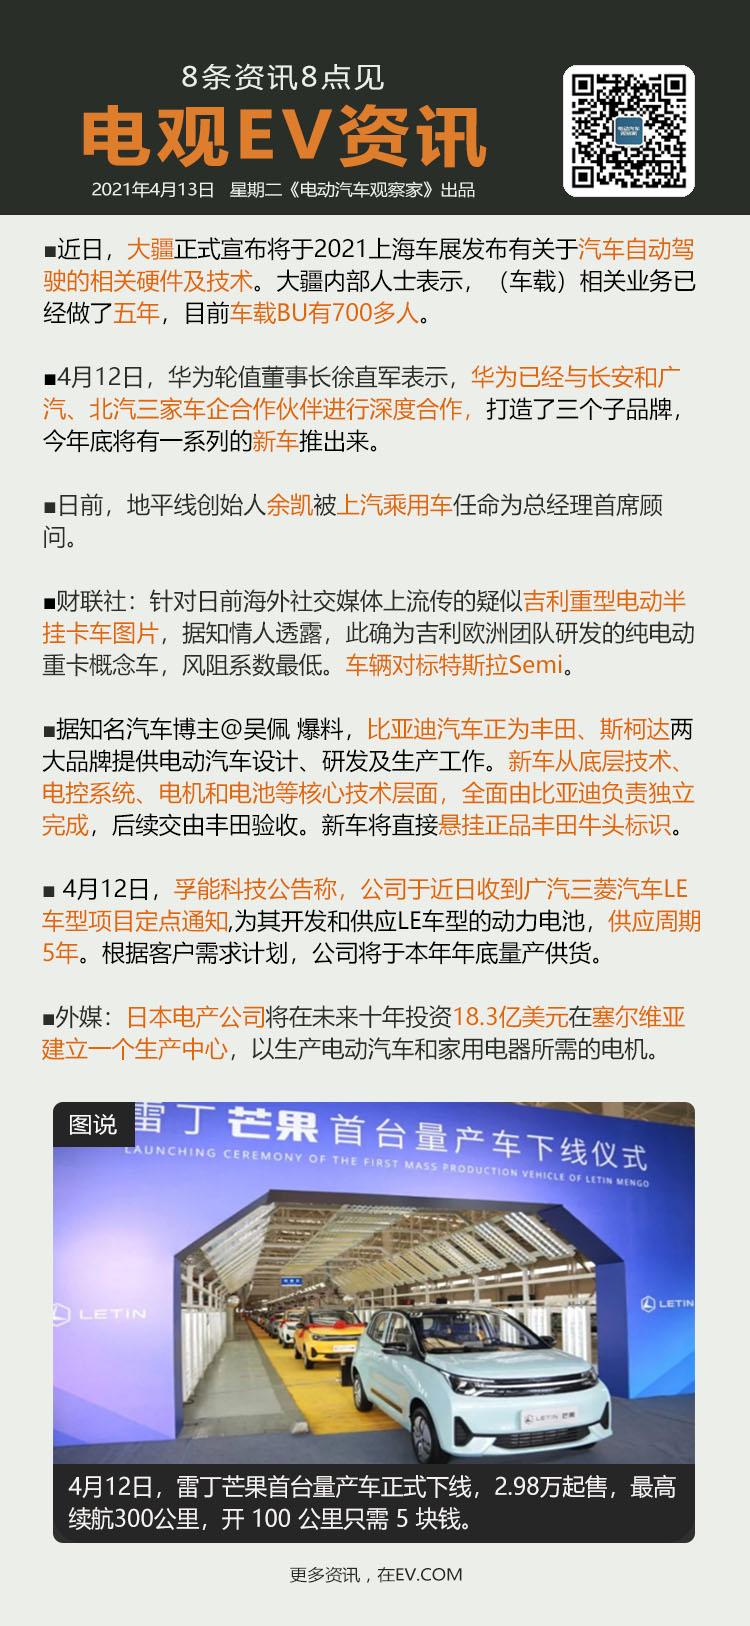 4月13日:大疆将发布自动驾驶技术、华为将与北汽等打造汽车领域子品牌、余凯被任命...